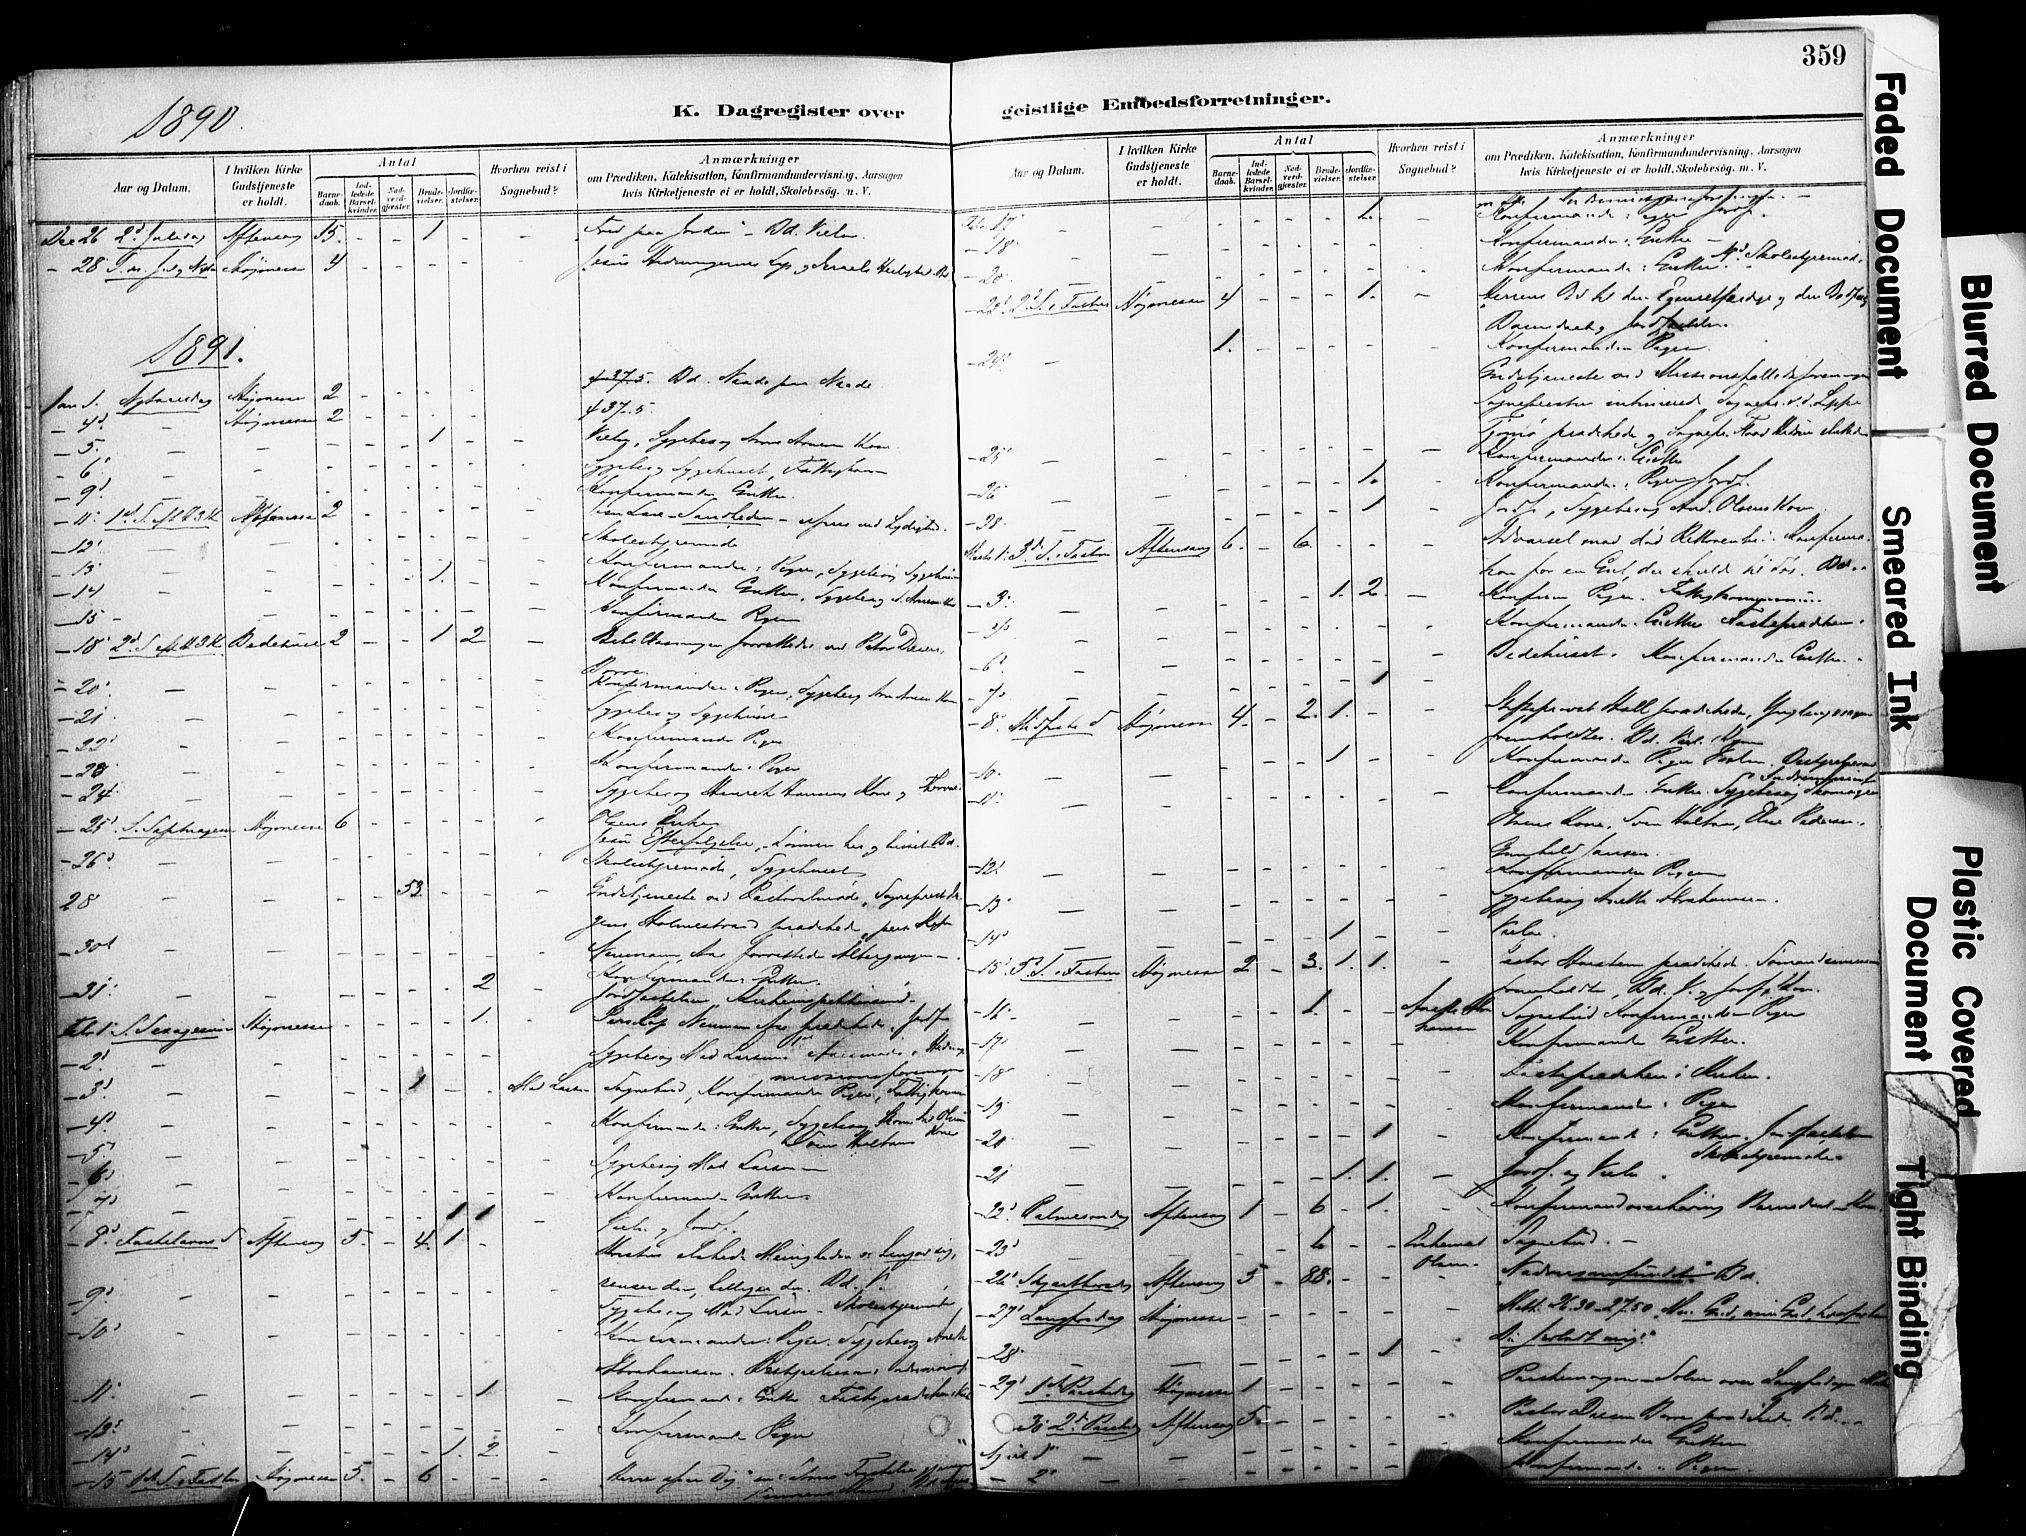 SAKO, Horten kirkebøker, F/Fa/L0004: Ministerialbok nr. 4, 1888-1895, s. 359